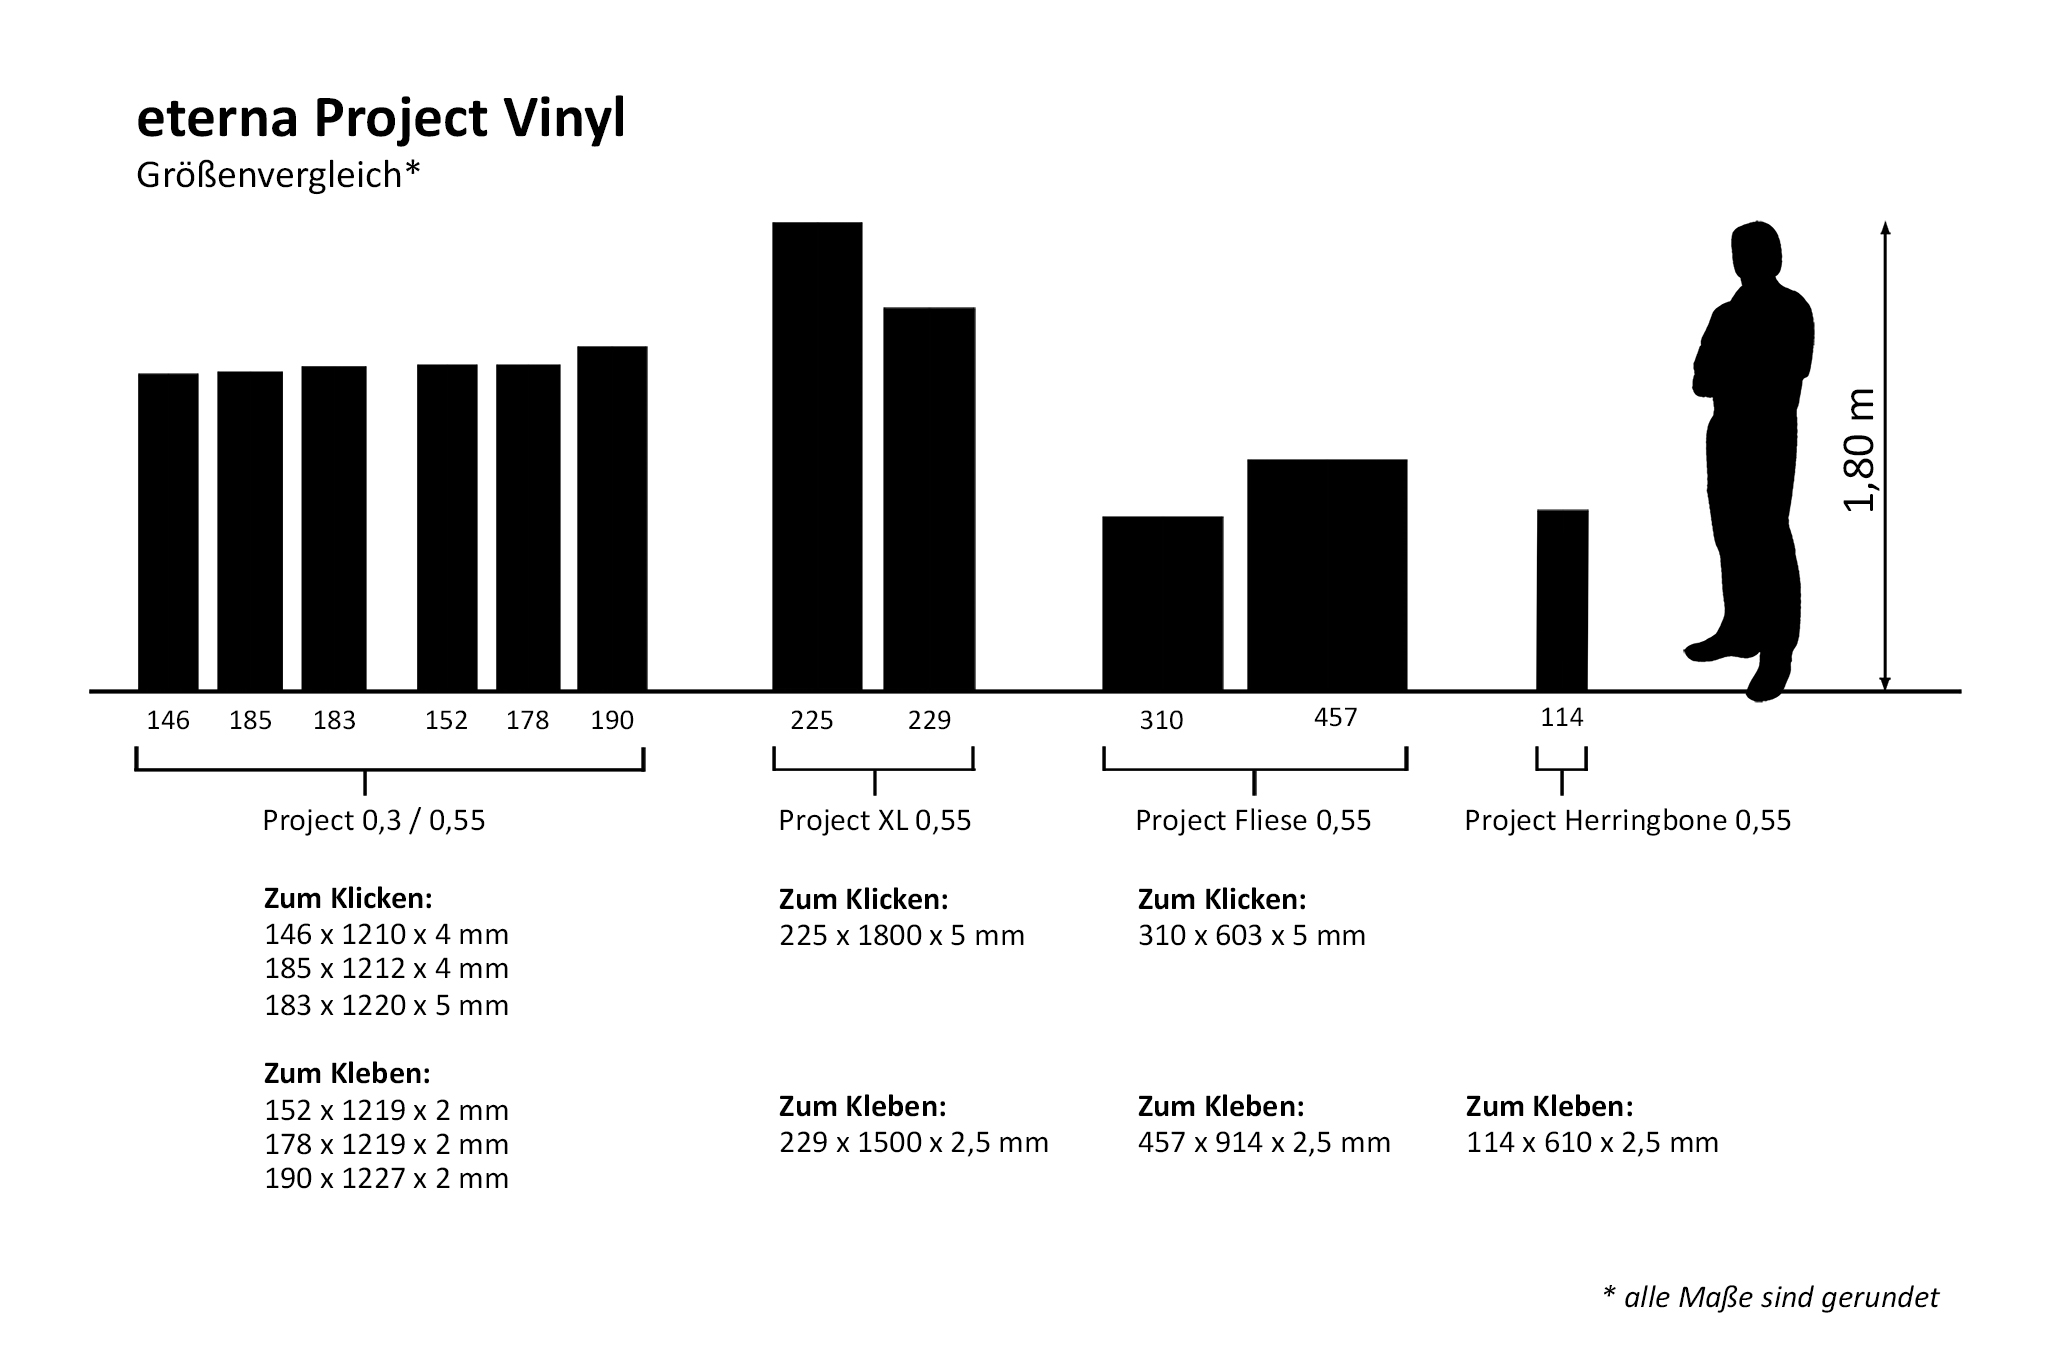 Eterna Project Vinyl - Ranchplank 2,5mm